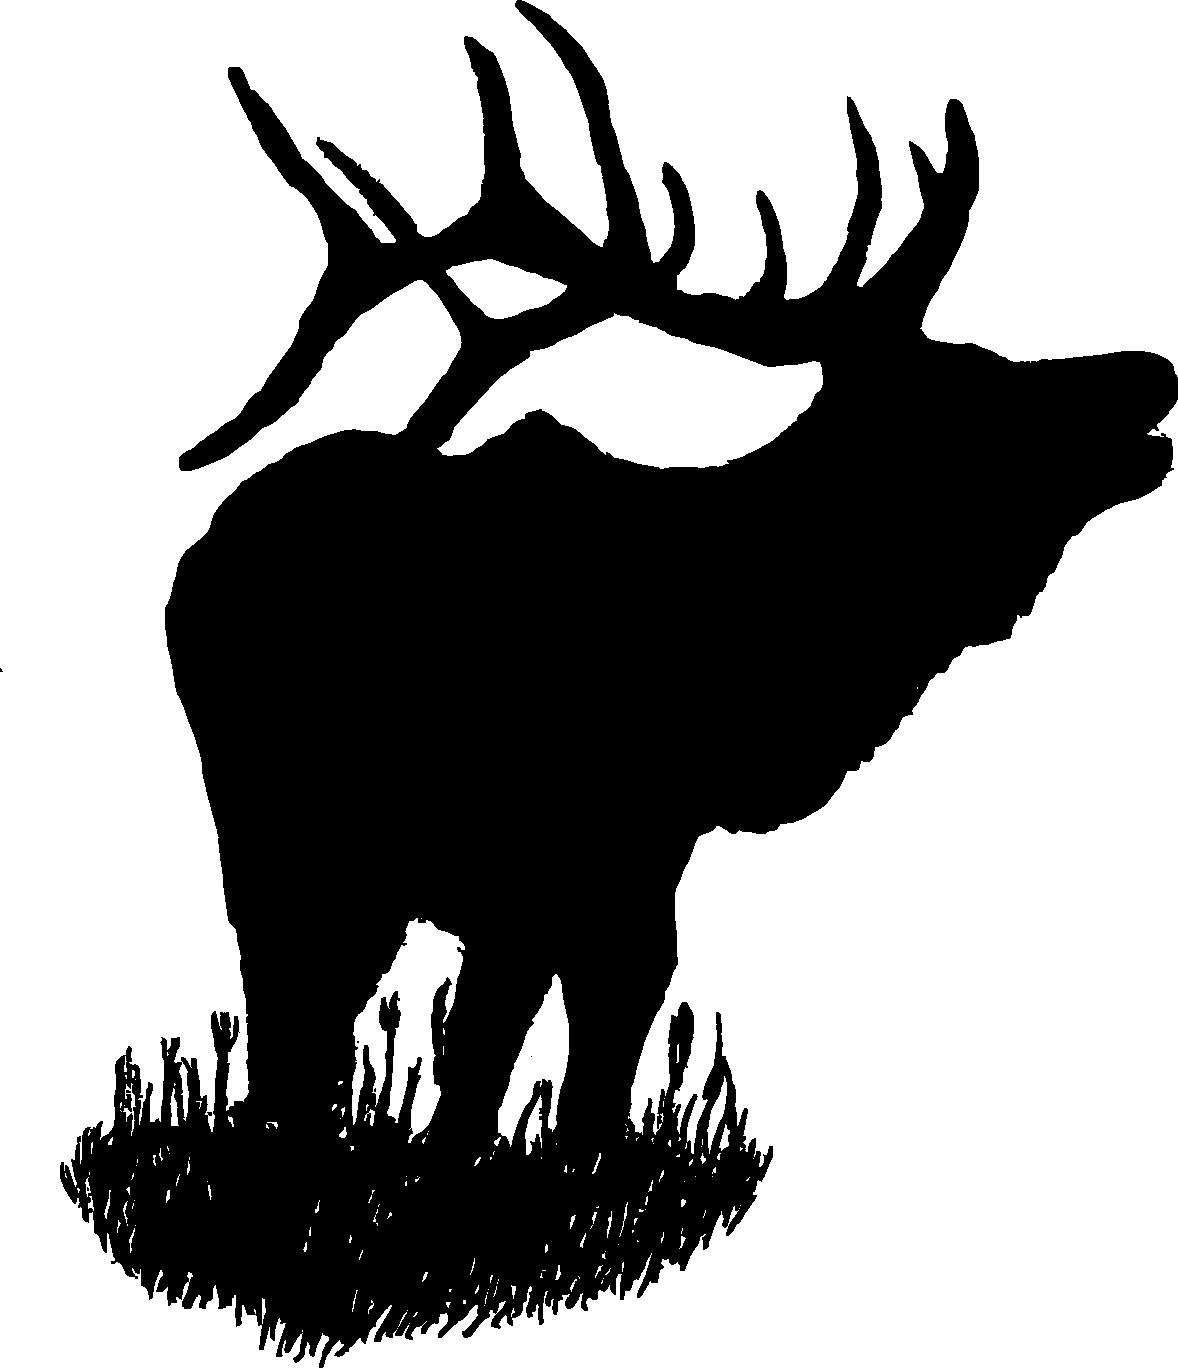 elks-silhouette-10